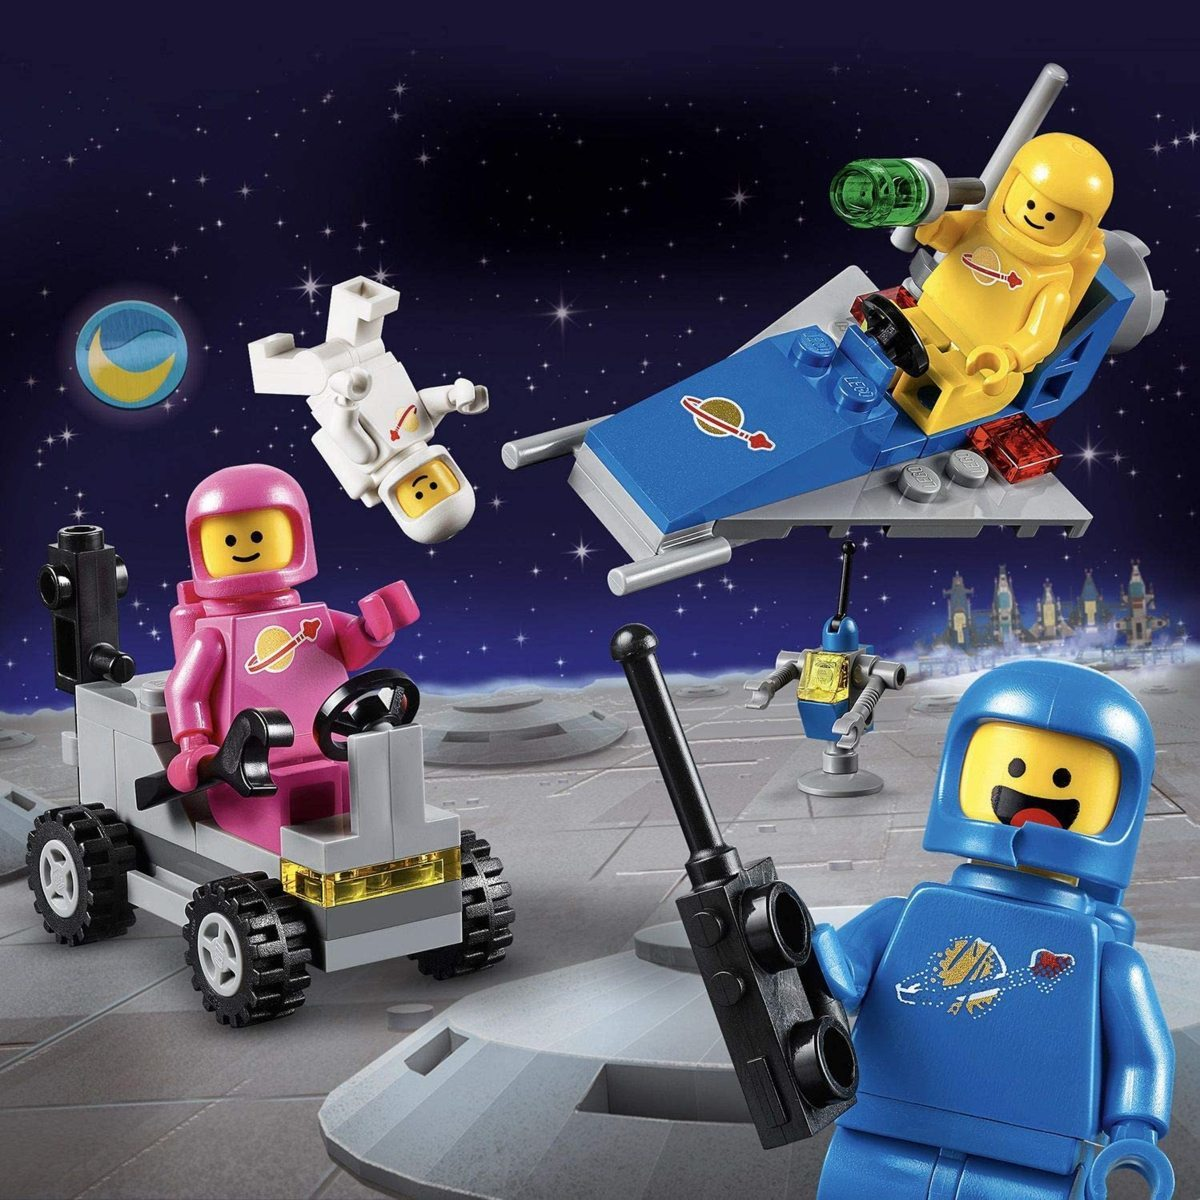 レゴ(LEGO) レゴムービー ベニーの宇宙スクワッド 70841 知育玩具 ブロック おもちゃ 女の子 男の子_画像3